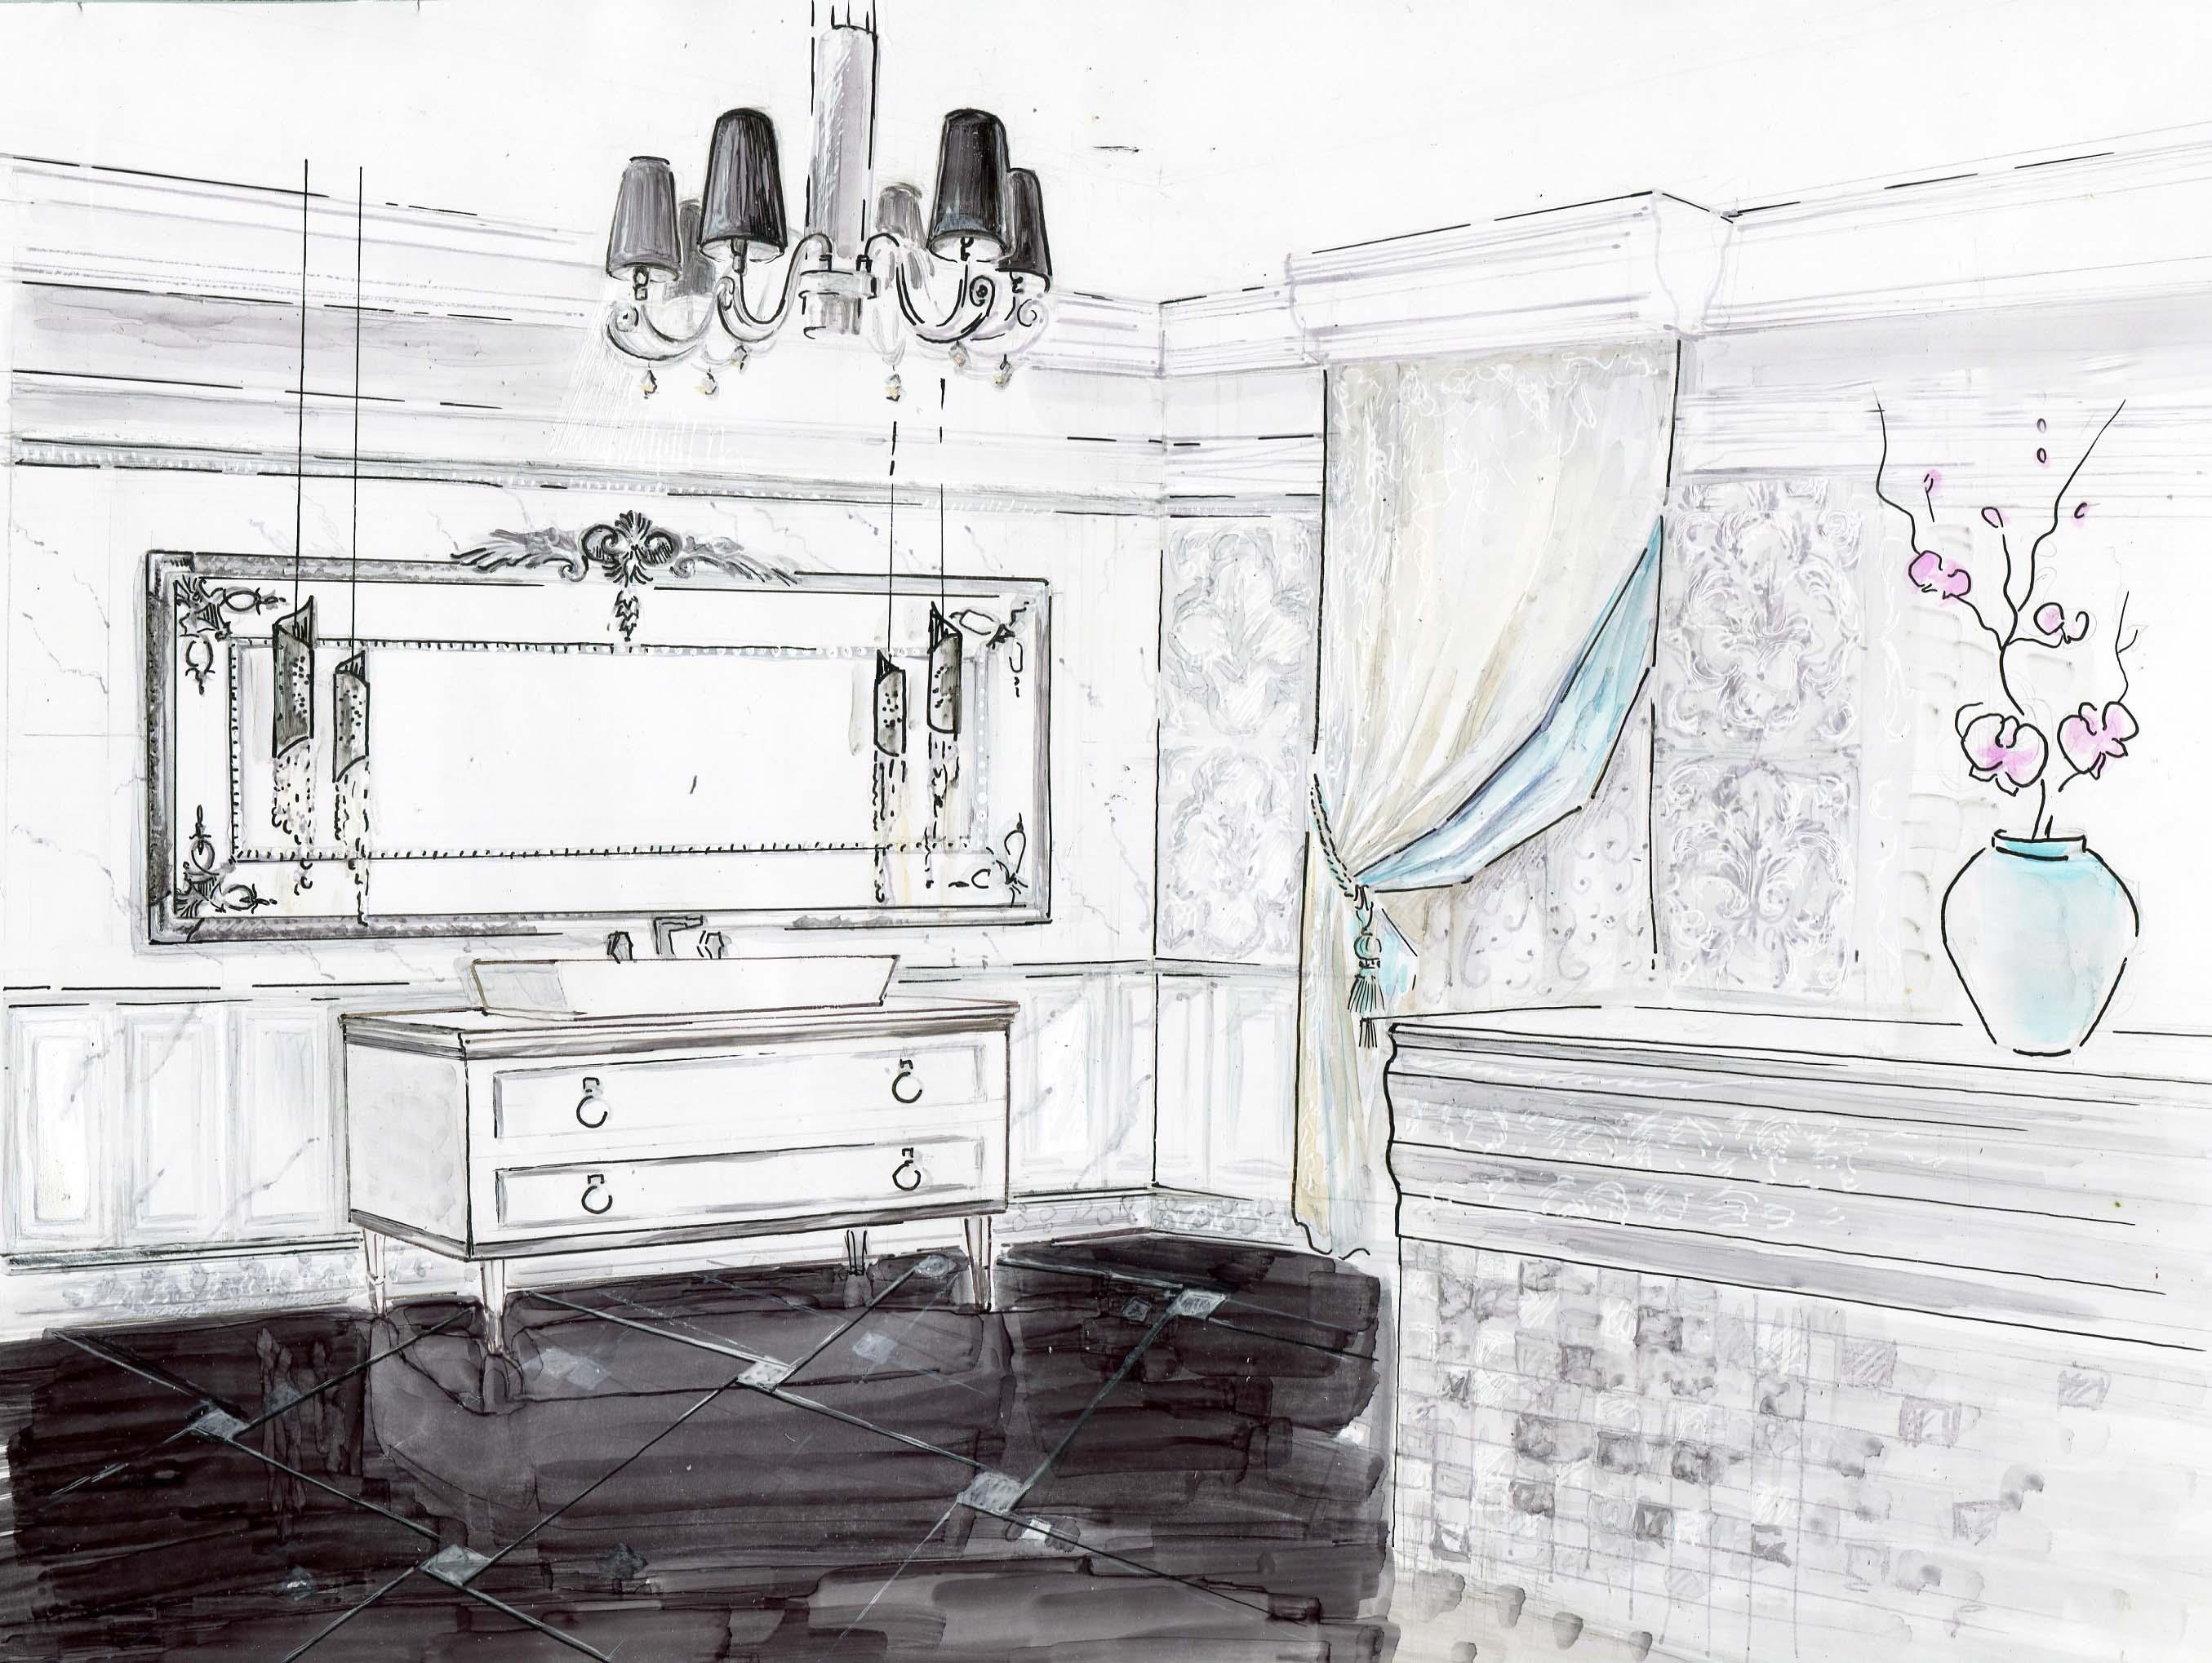 Эскиз ванной комнаты, выполненный в ручной графике